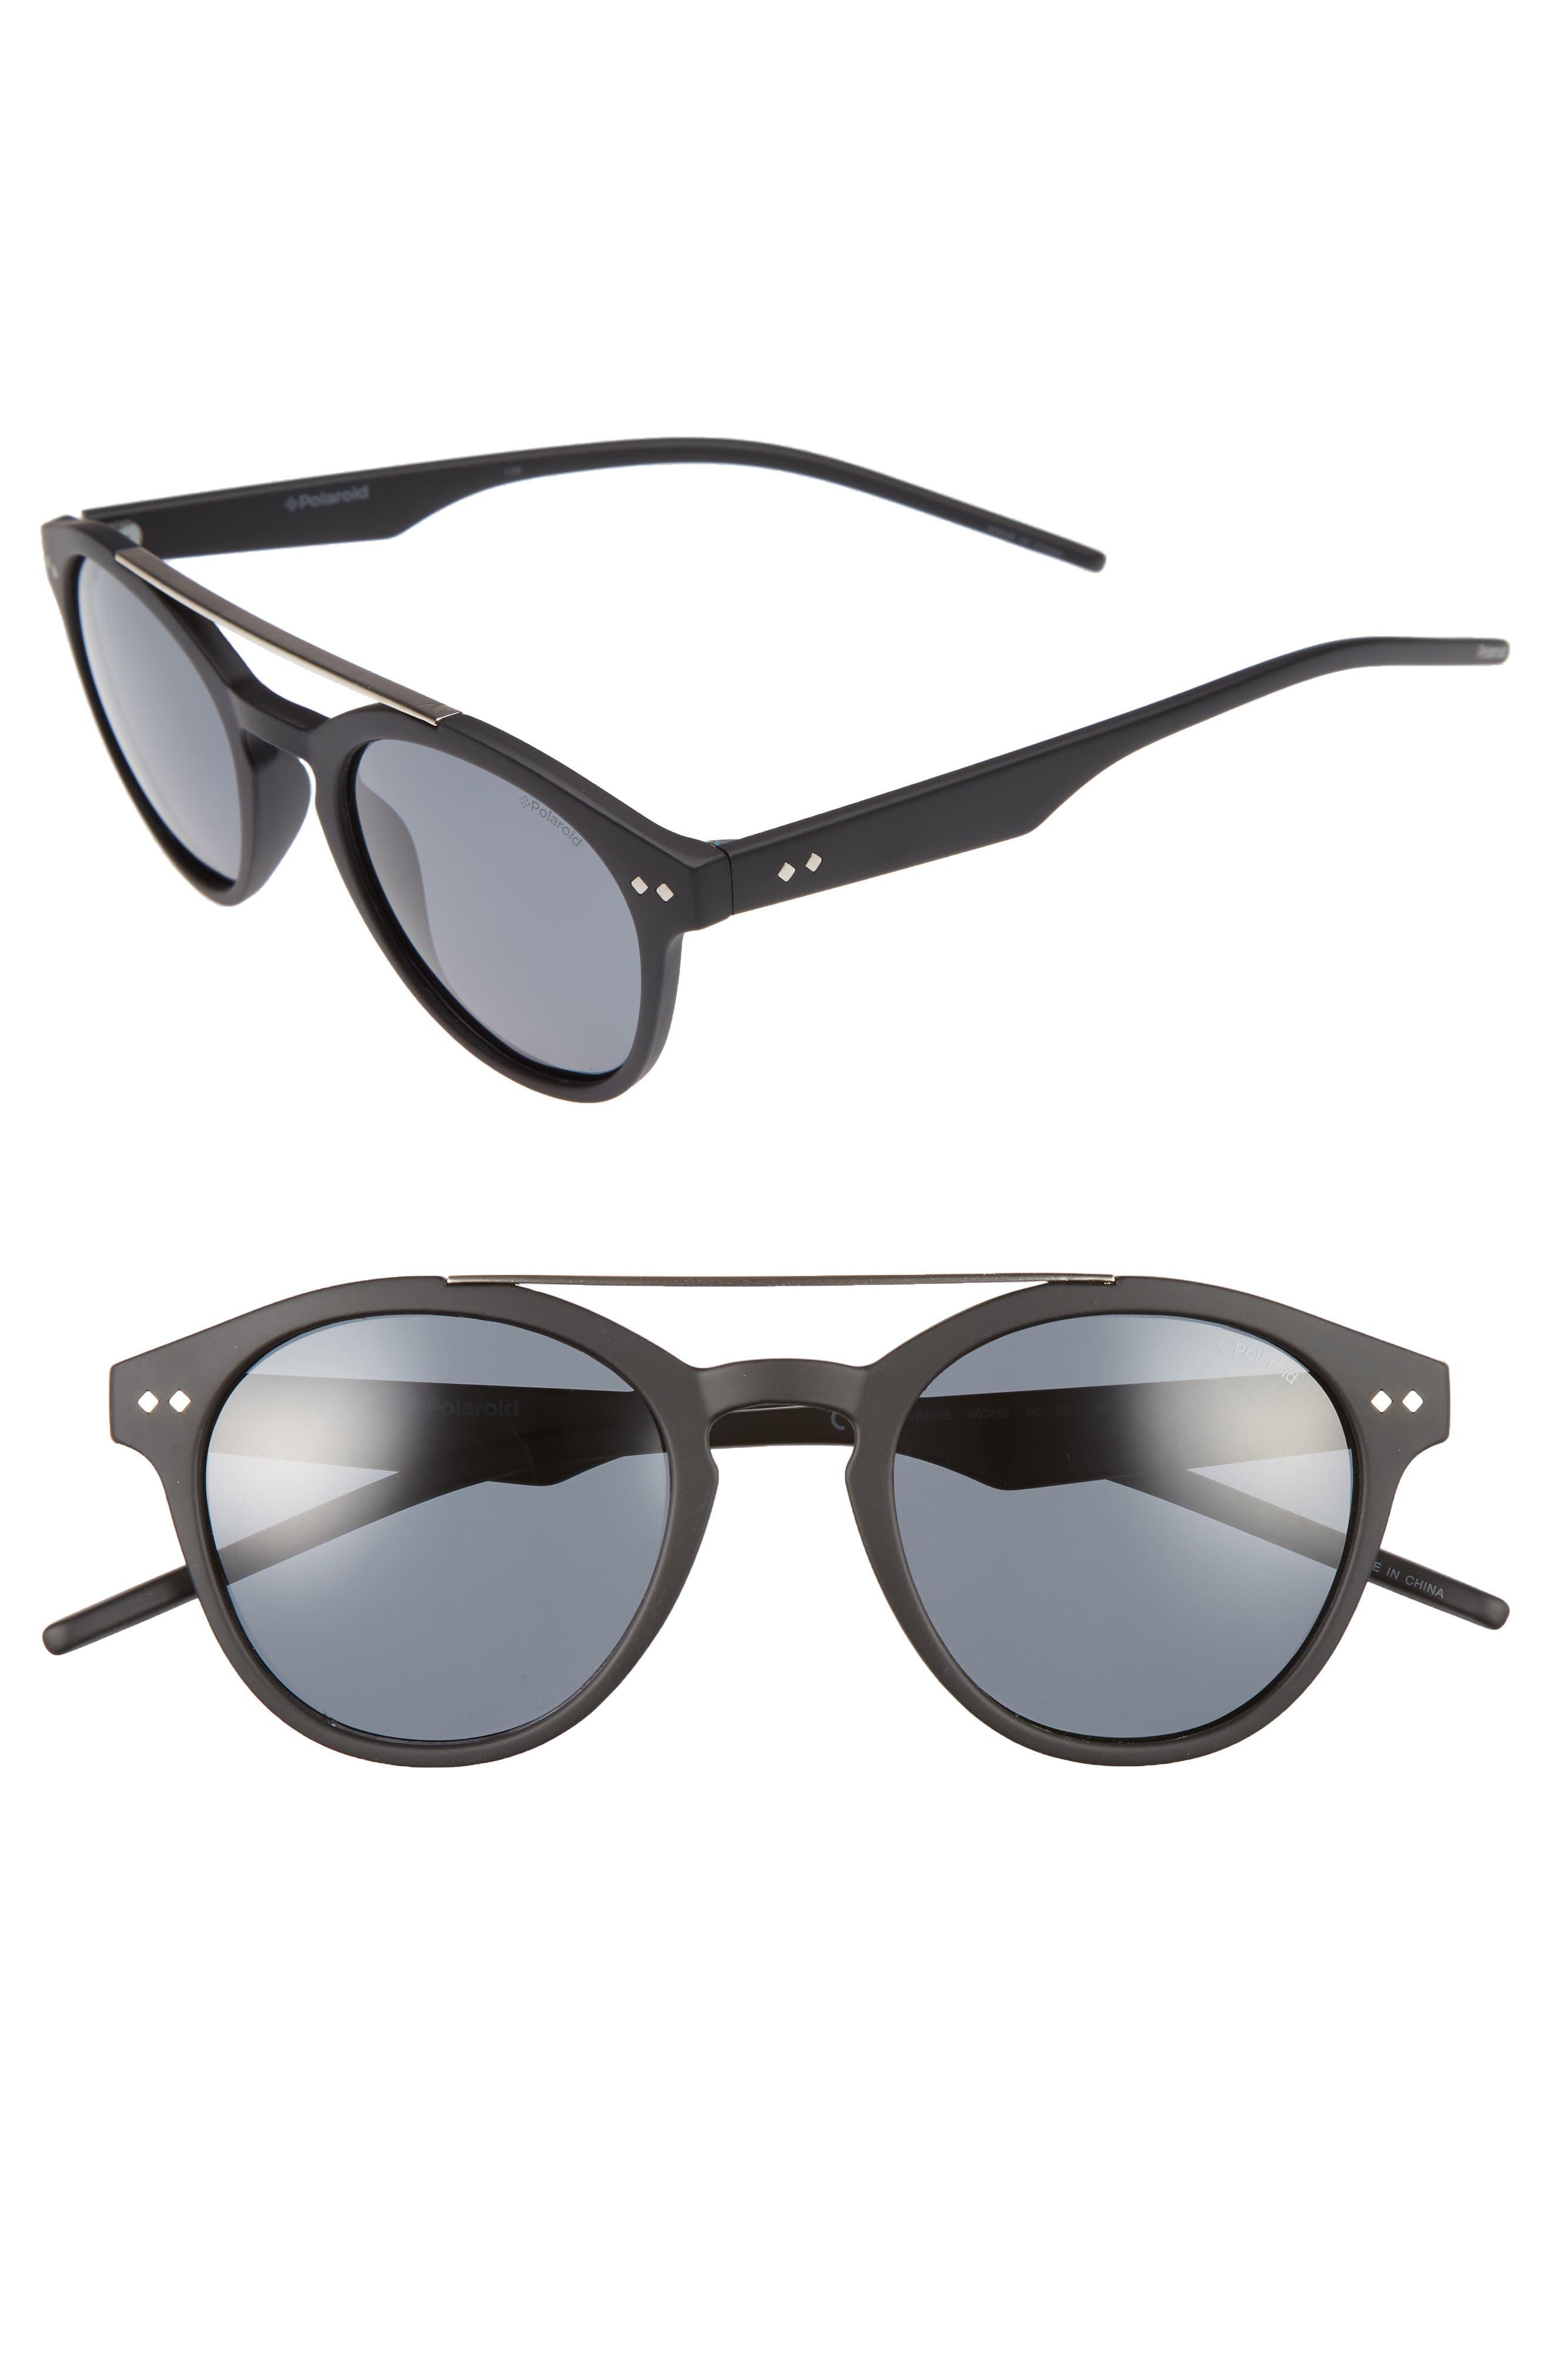 50mm Polarized Retro Sunglasses,                         Main,                         color,